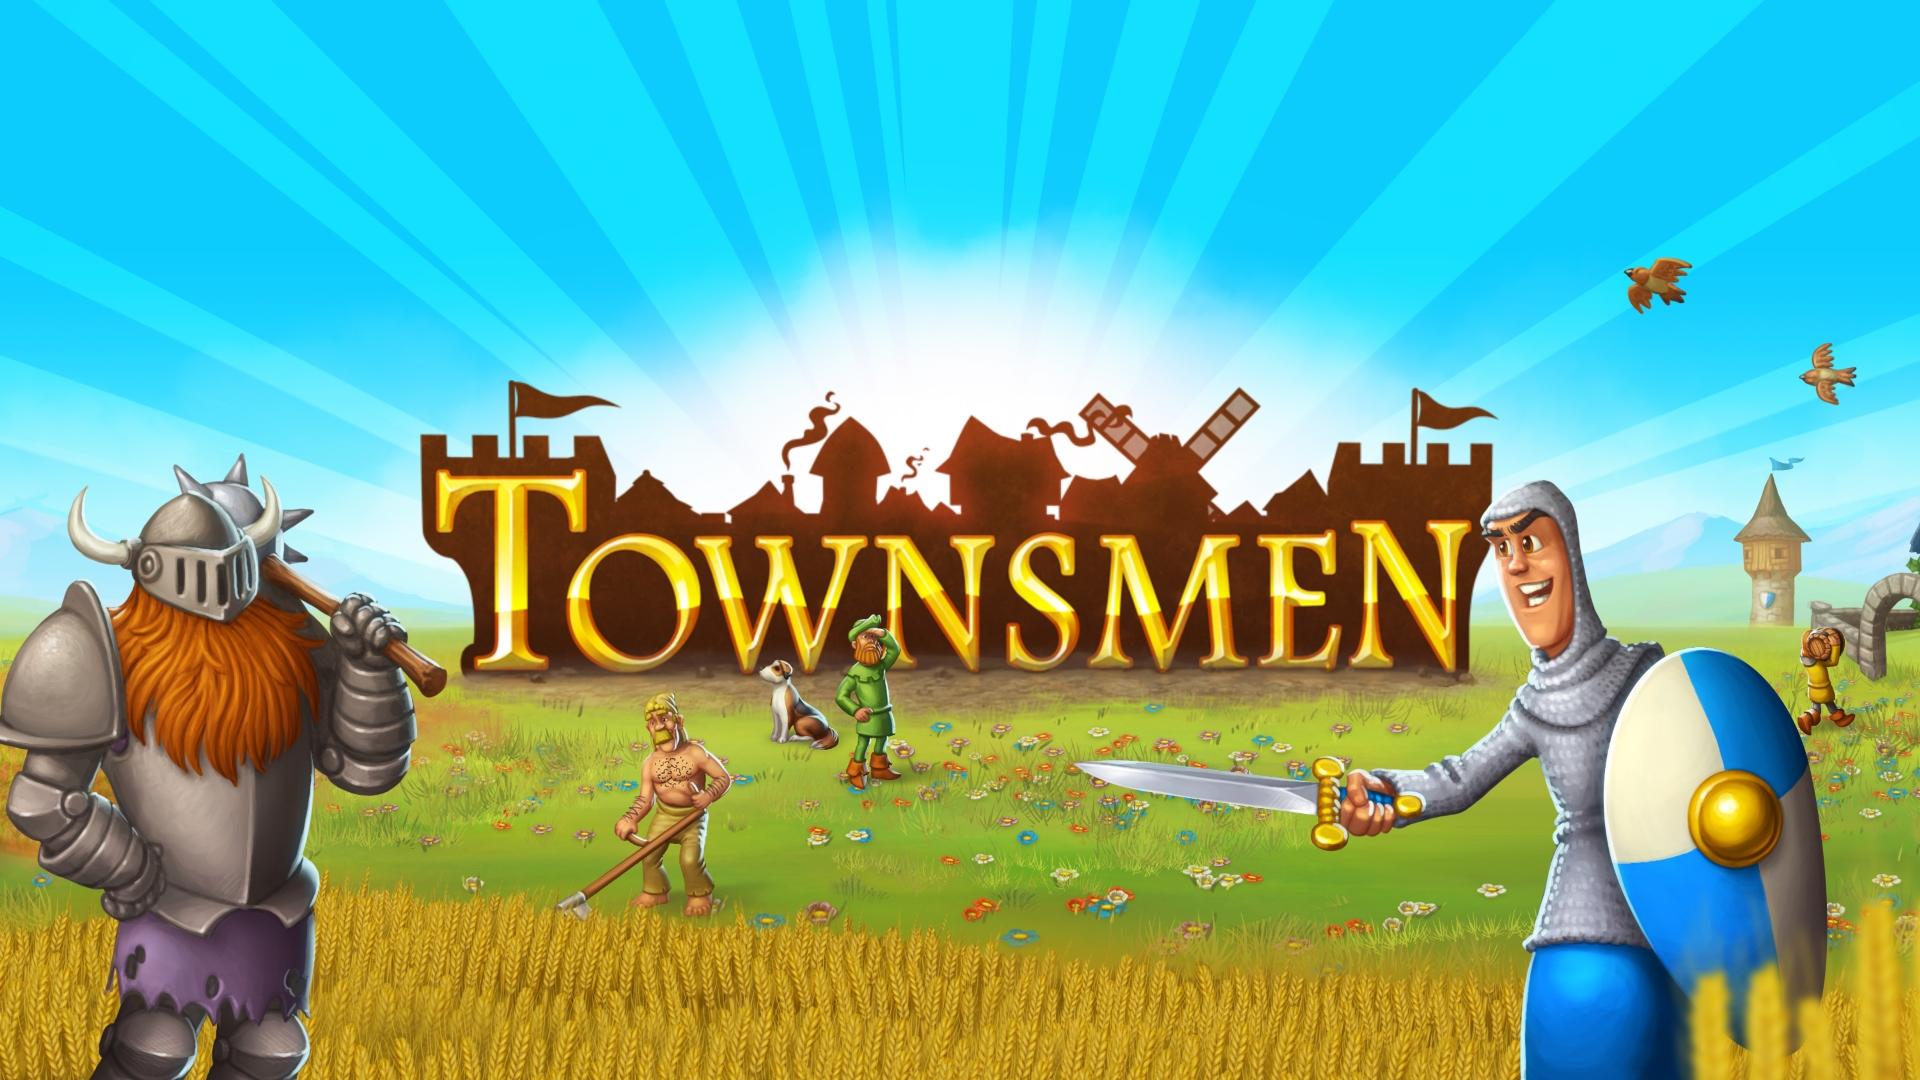 Townsmen – Die Aufbausimulation erscheint am 29. Juni als deutsche PC-Handelsbox